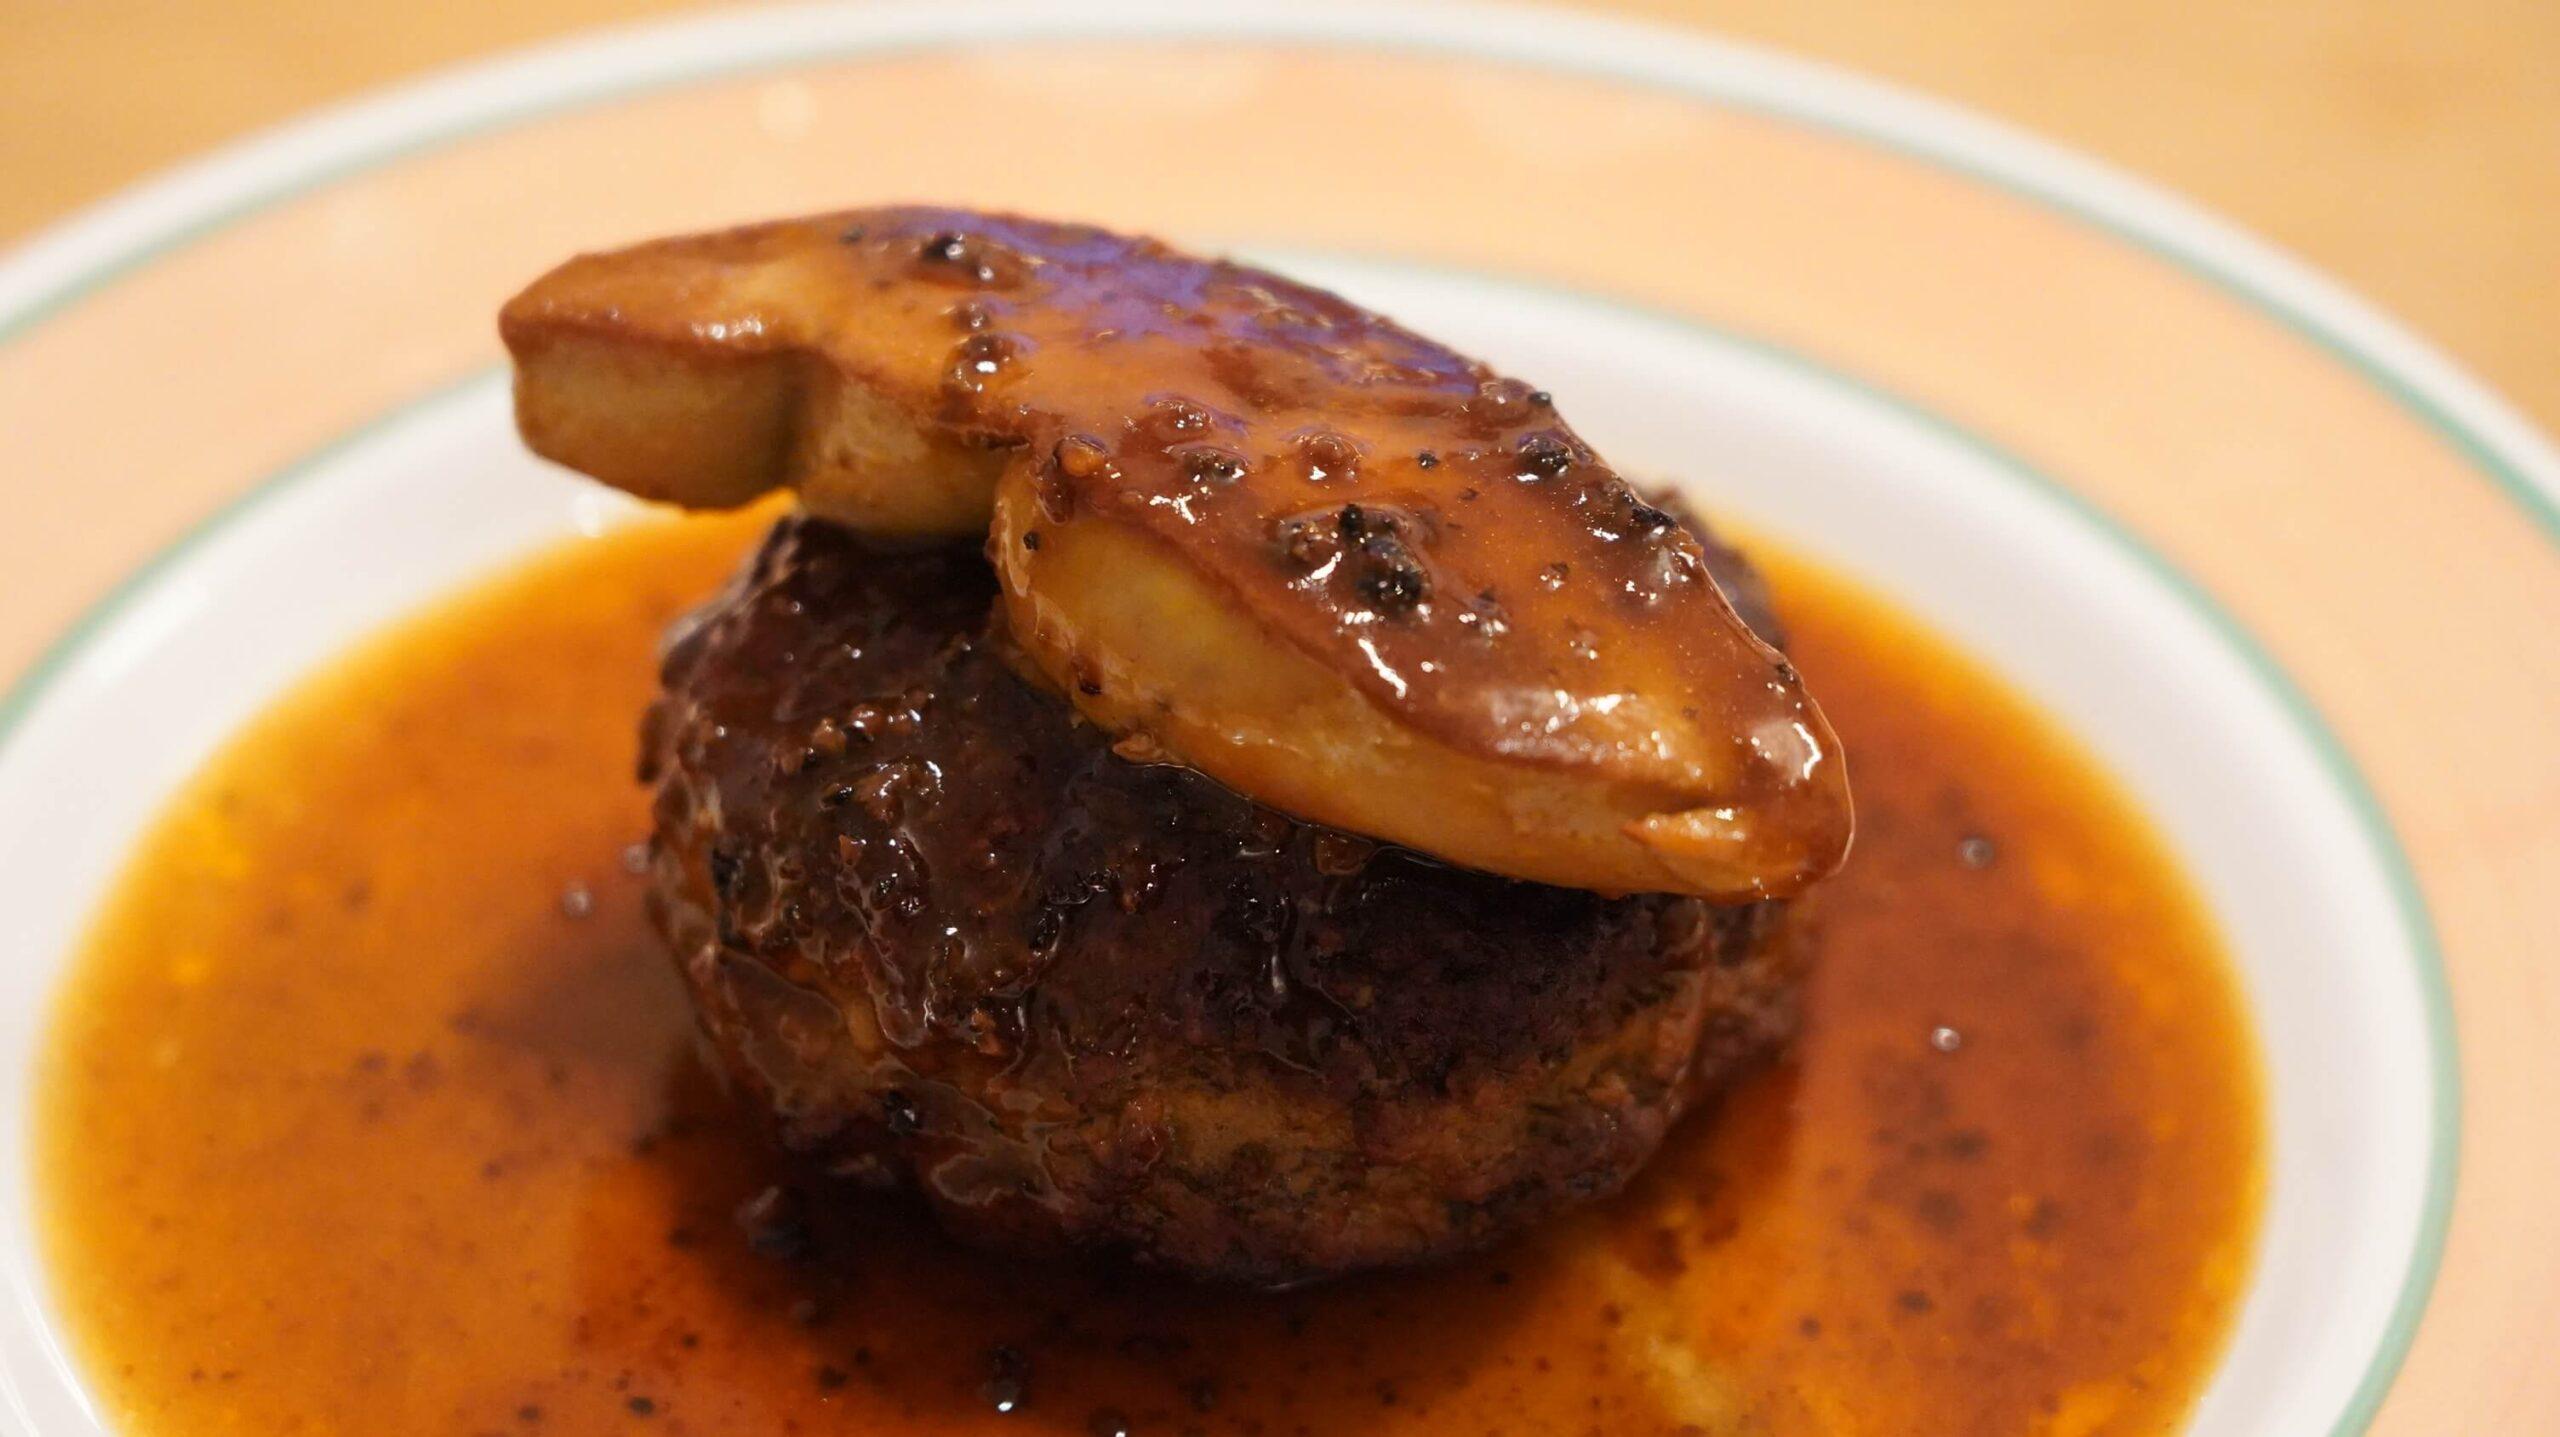 大阪ABCテレビ「CAST(キャスト)」に冷凍食品ドットコム「ノビ」が出演して紹介した冷食、俺のフレンチの冷凍食品「ロッシーニ風ハンバーグ」のハンバーグとフォアグラを皿に盛りつけた写真